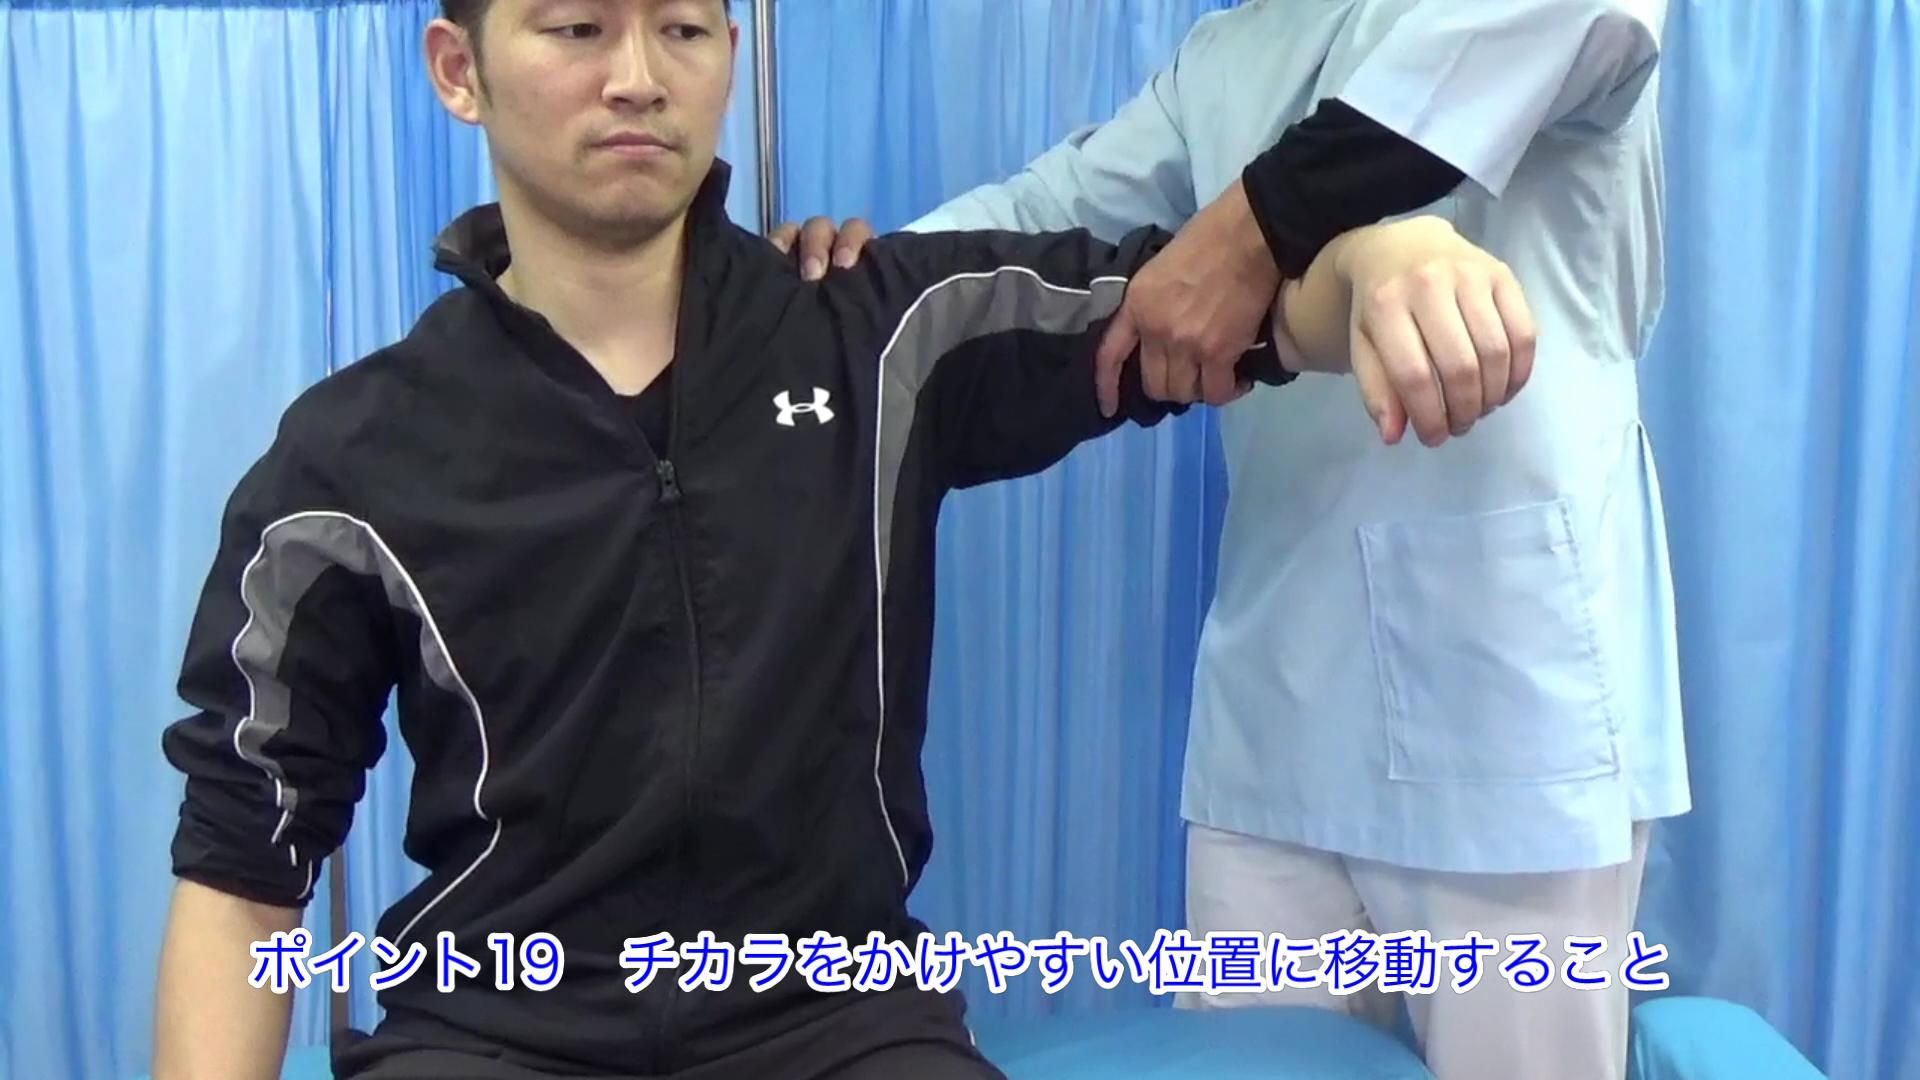 重要知識編 選手の筋力をテストする時のコツのワンシーン画像